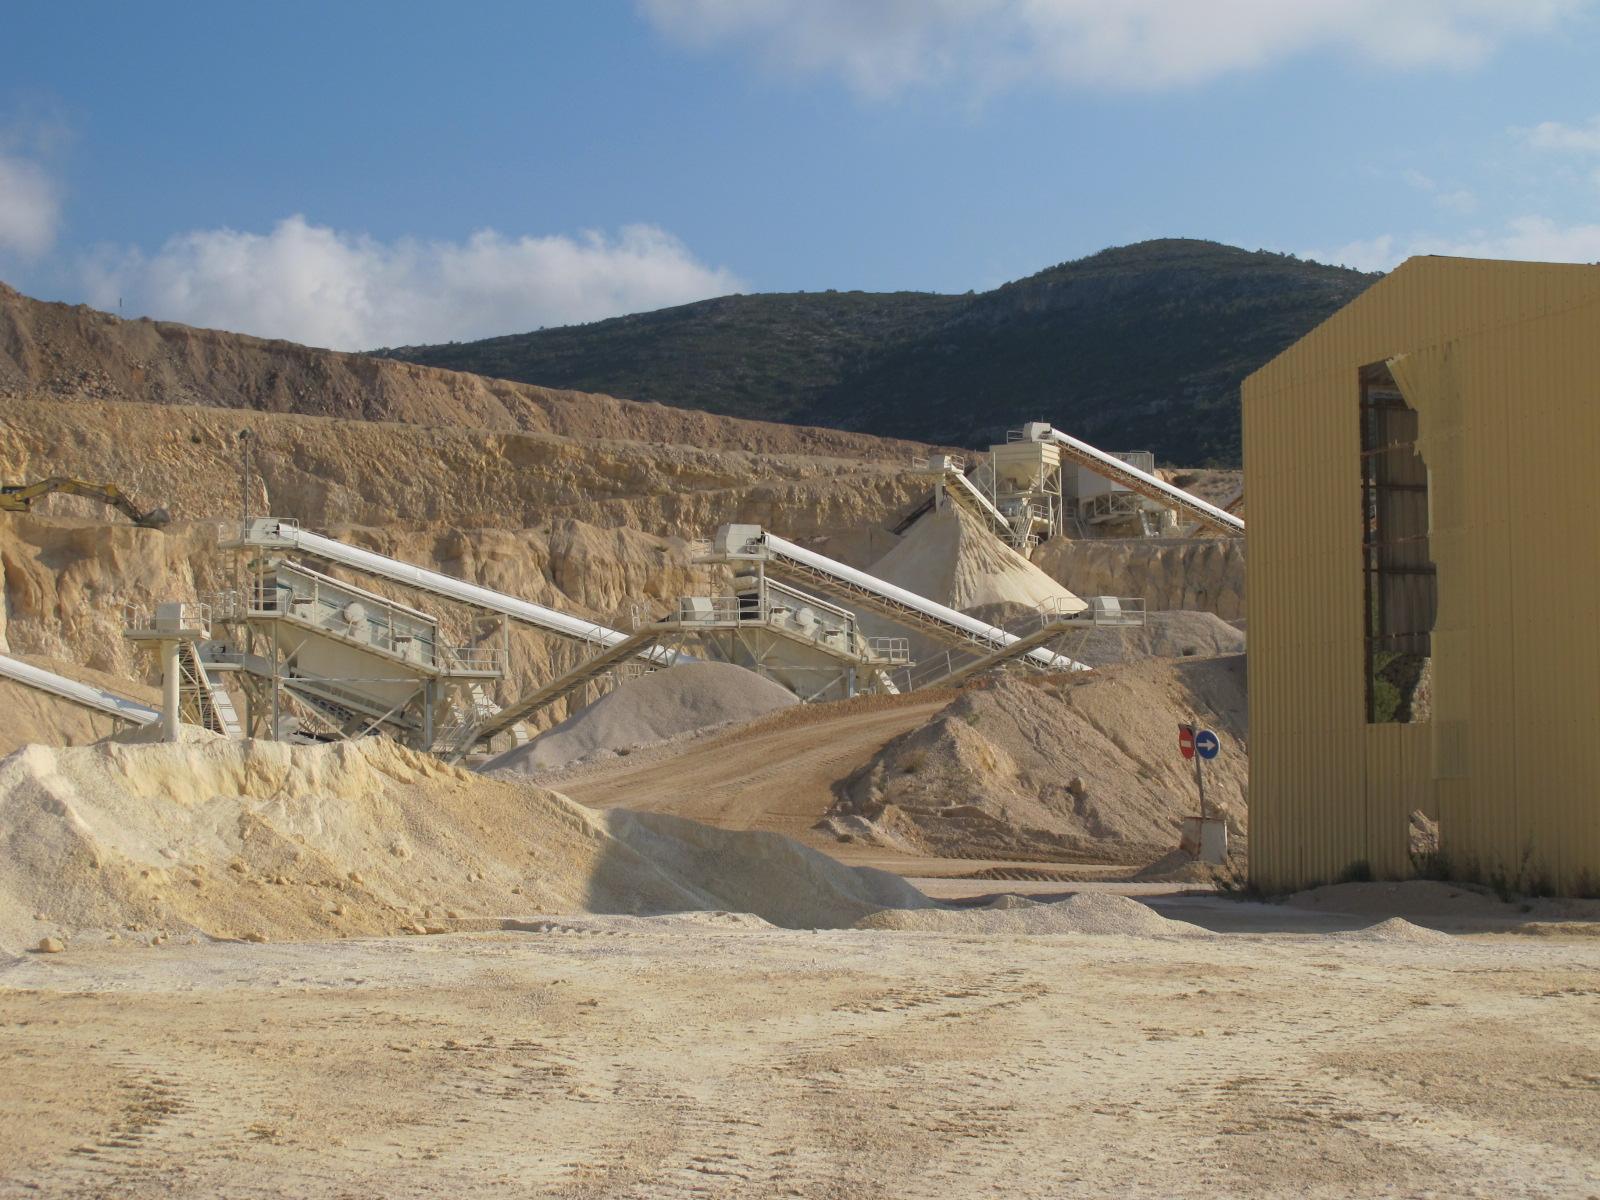 El sector minero valora la rehabilitación de los 40 km2 explotados con instalaciones de energías renovables